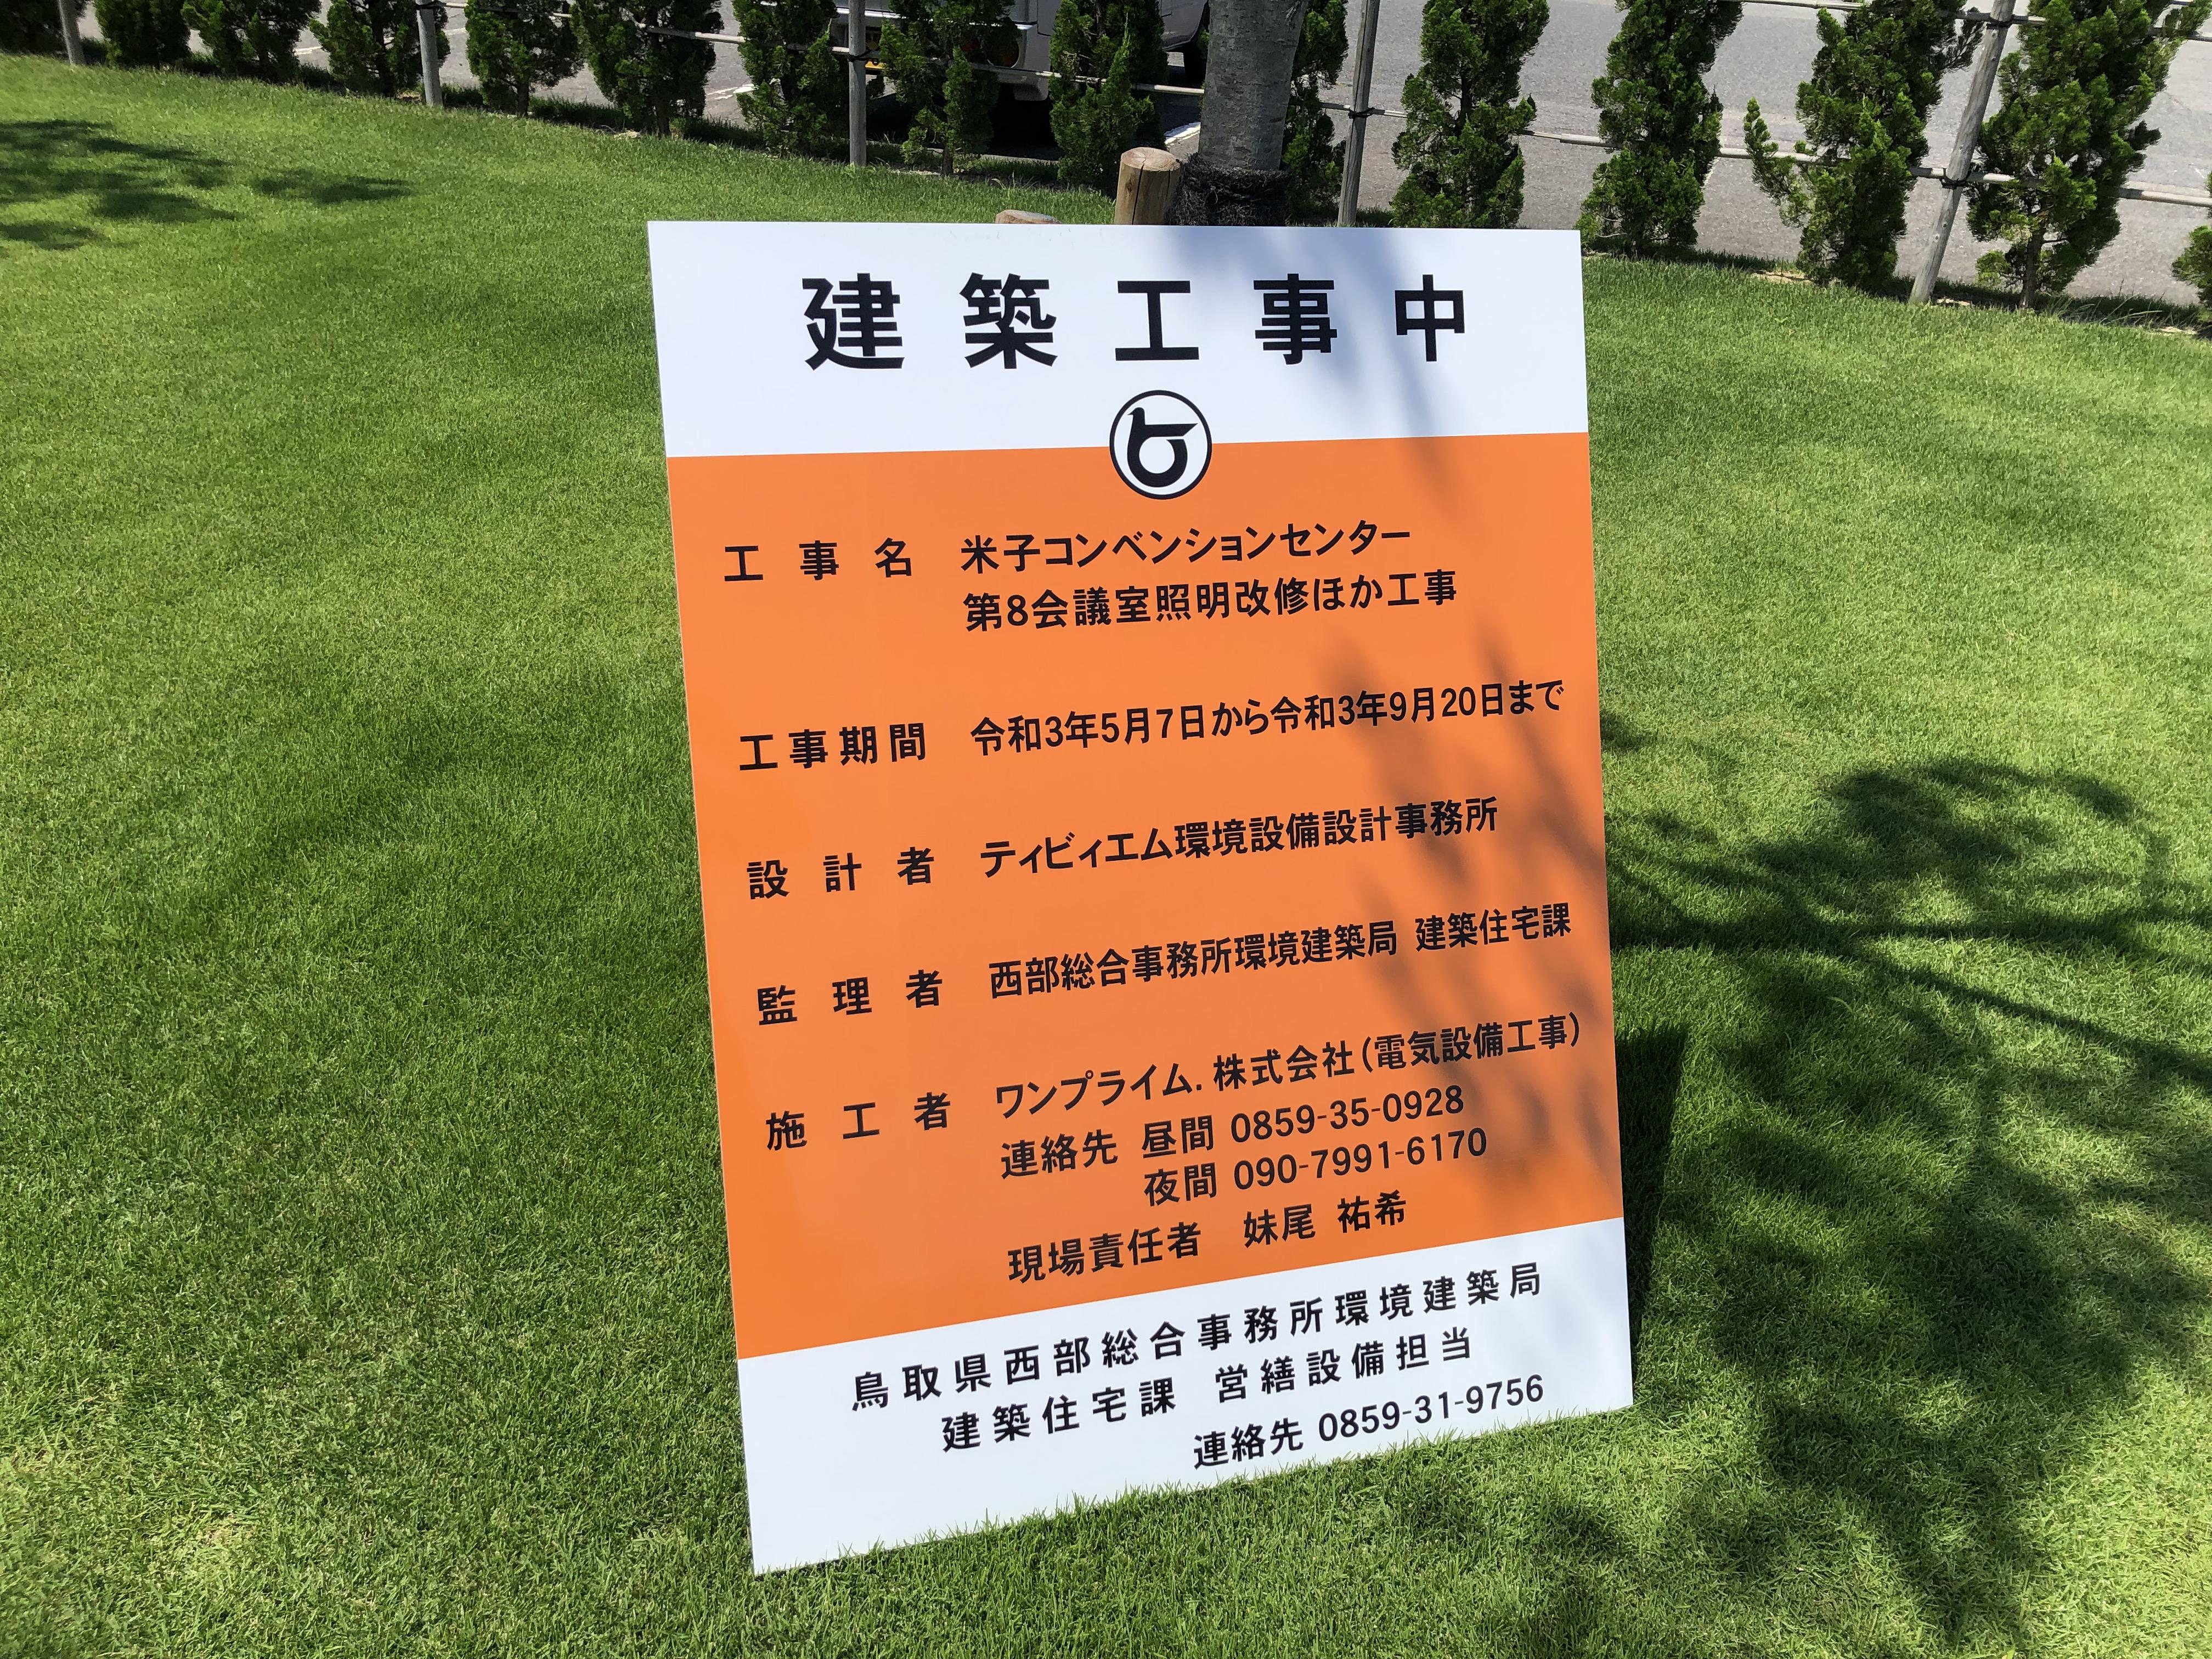 工事件名:米子コンベンションセンター第8会議室照明改修ほか工事